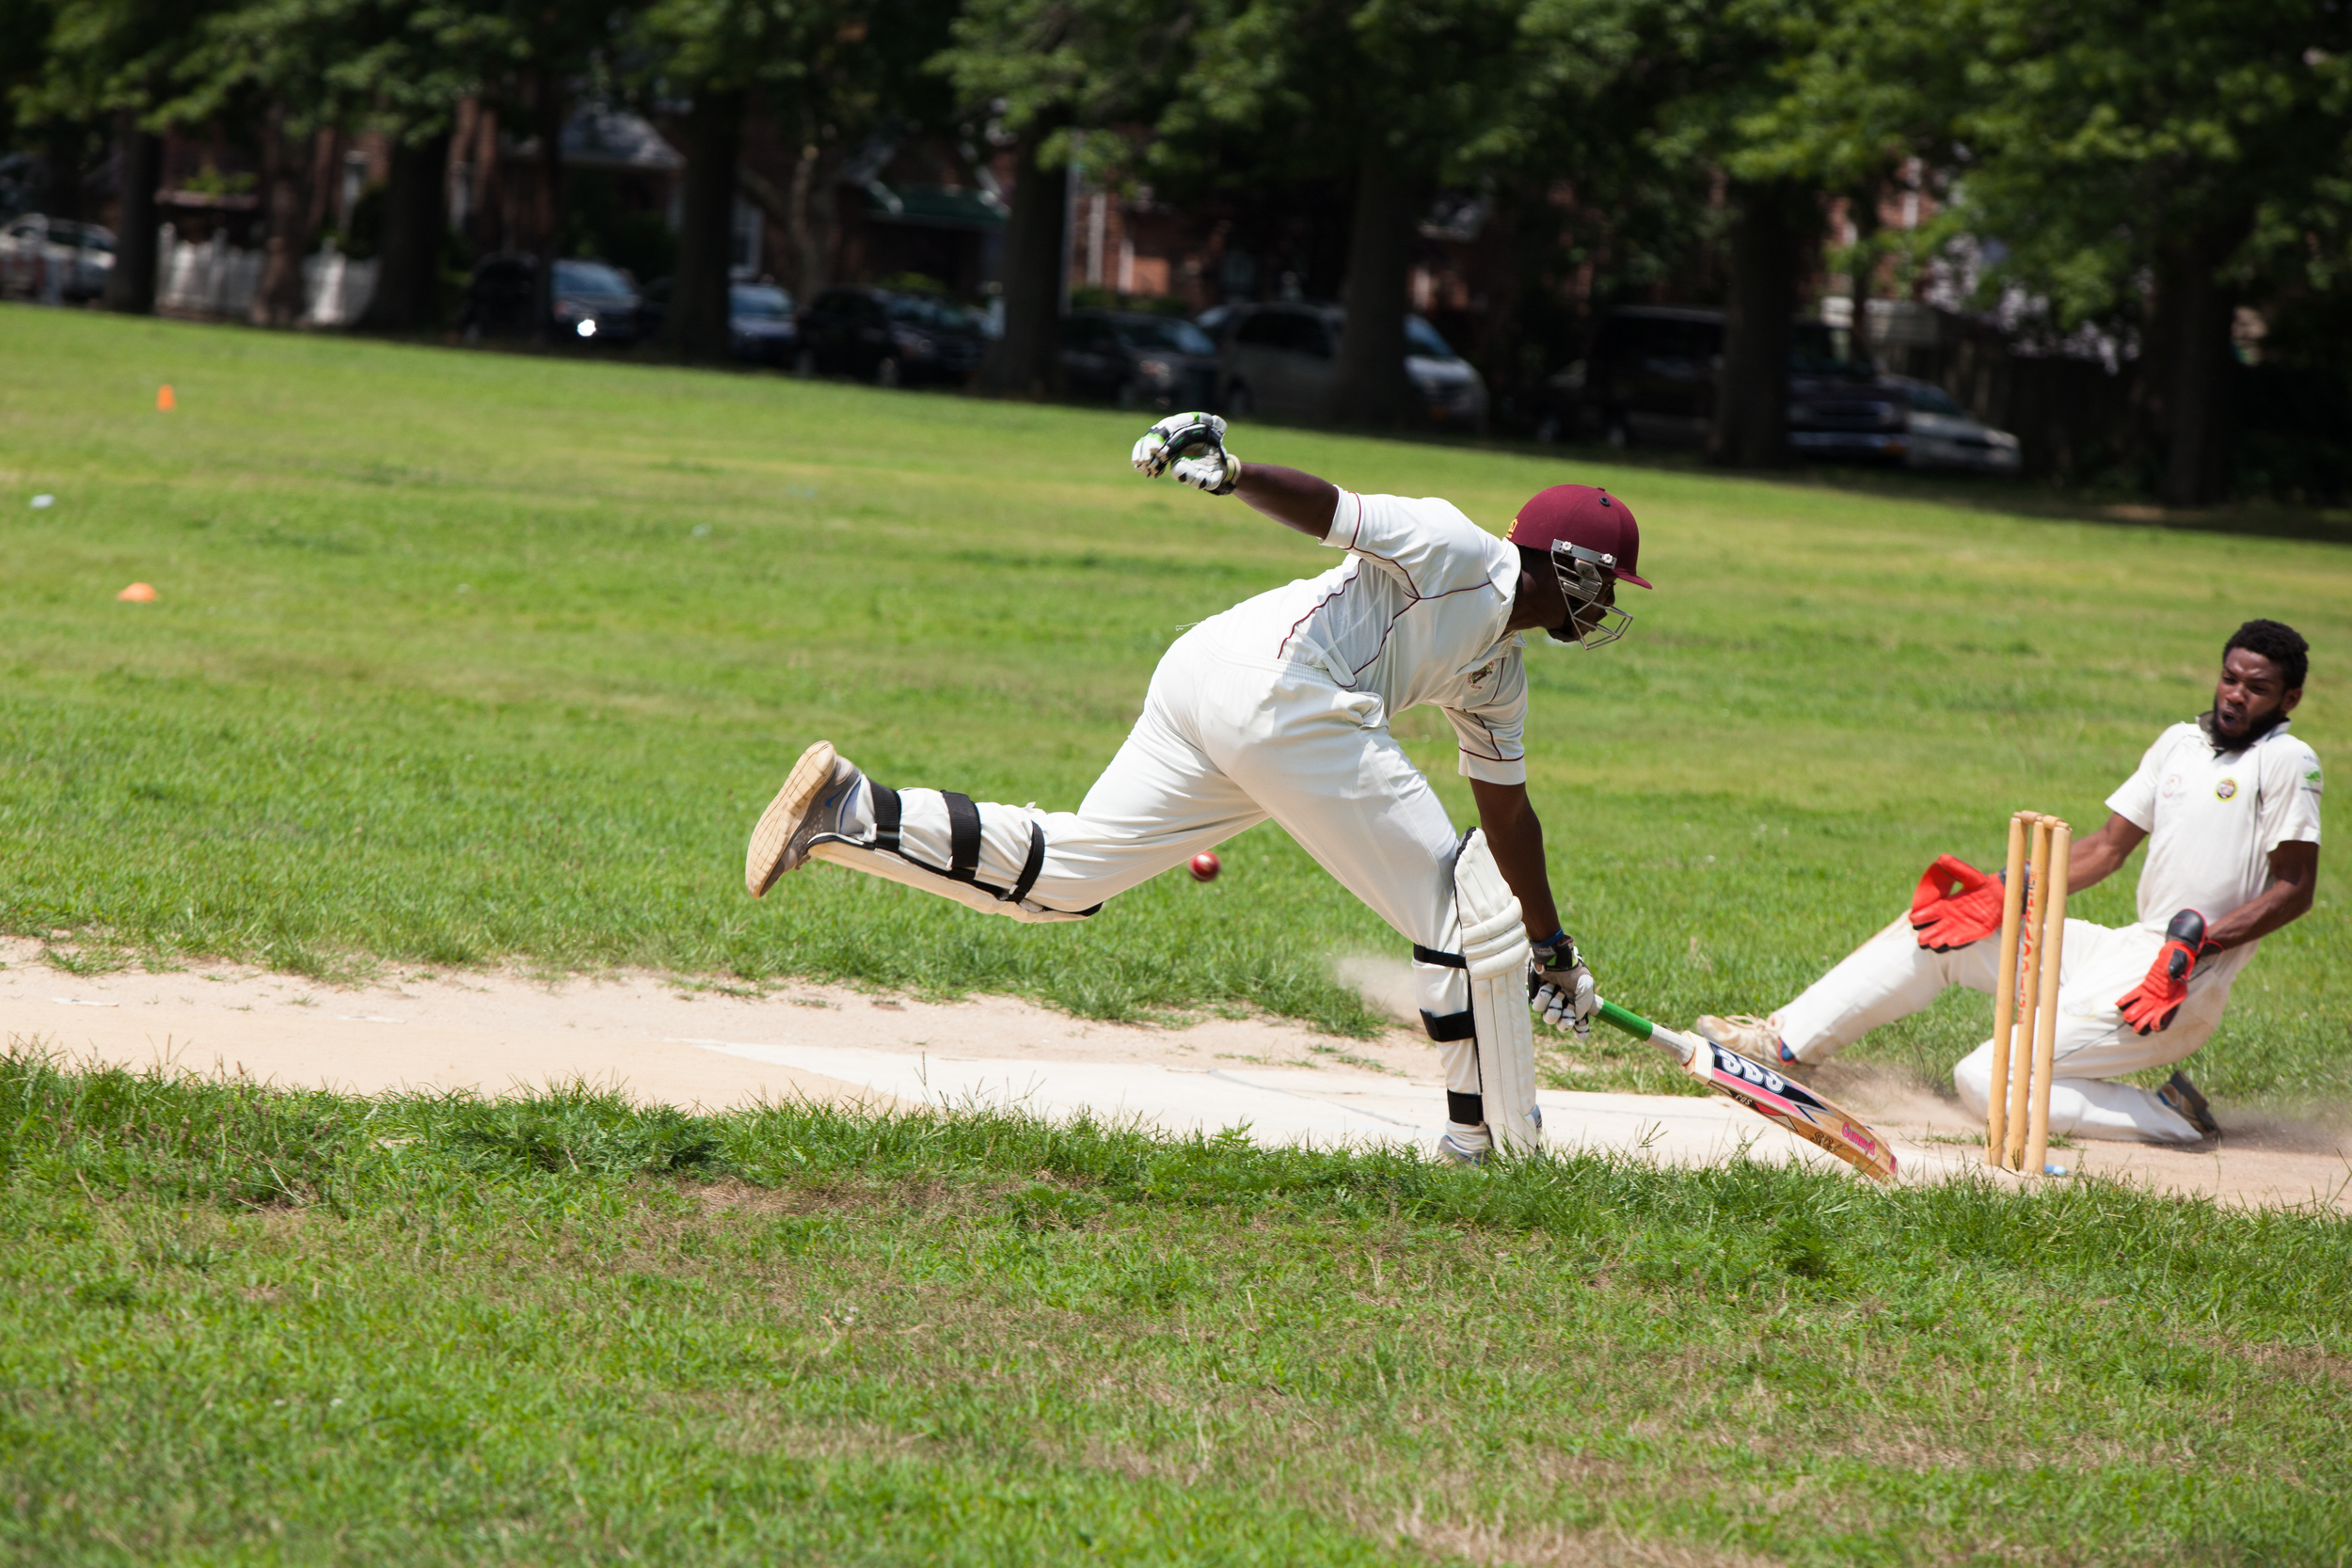 BKLYNR-Cricket-JasonBergman-018.jpg